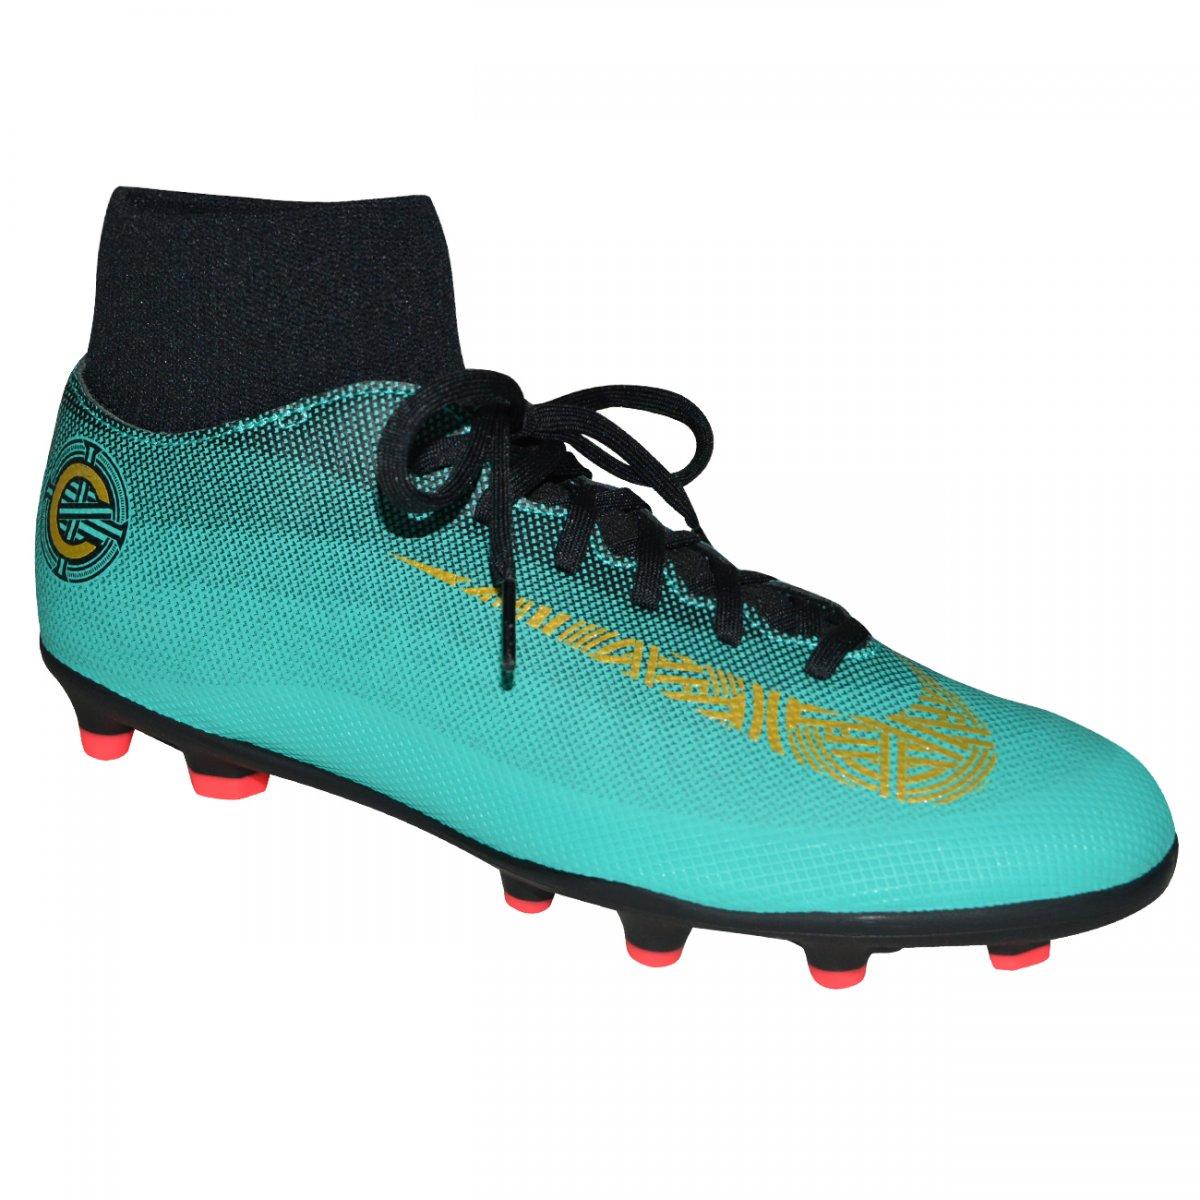 92bc3e8403acf Chuteira Nike Superfly 6 Club CR7 AJ3545 390 - Verde/dourado - Chuteira Nike,  Adidas. Sandalias Femininas. Sandy Calçados